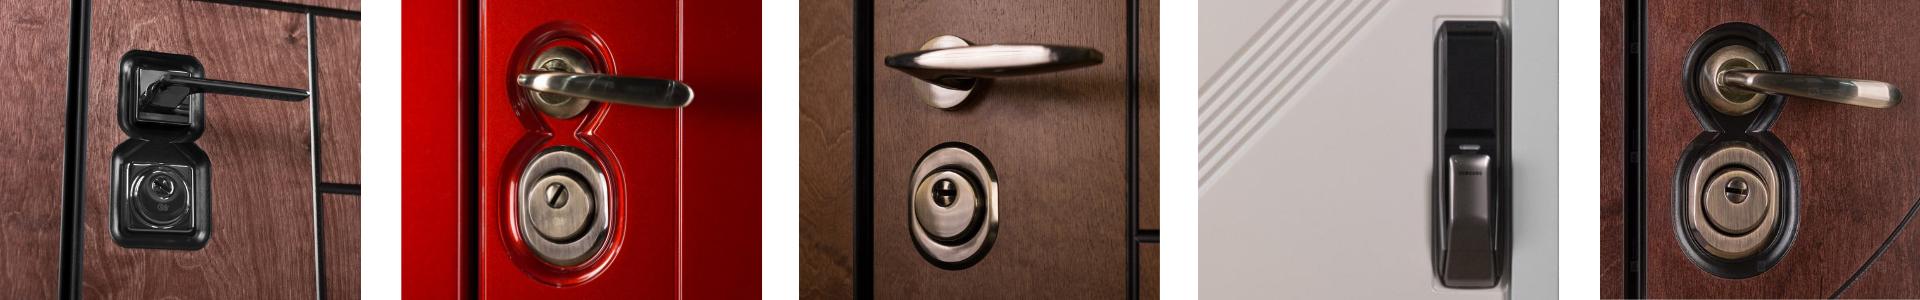 Как выбрать фурнитуру для входной двери?